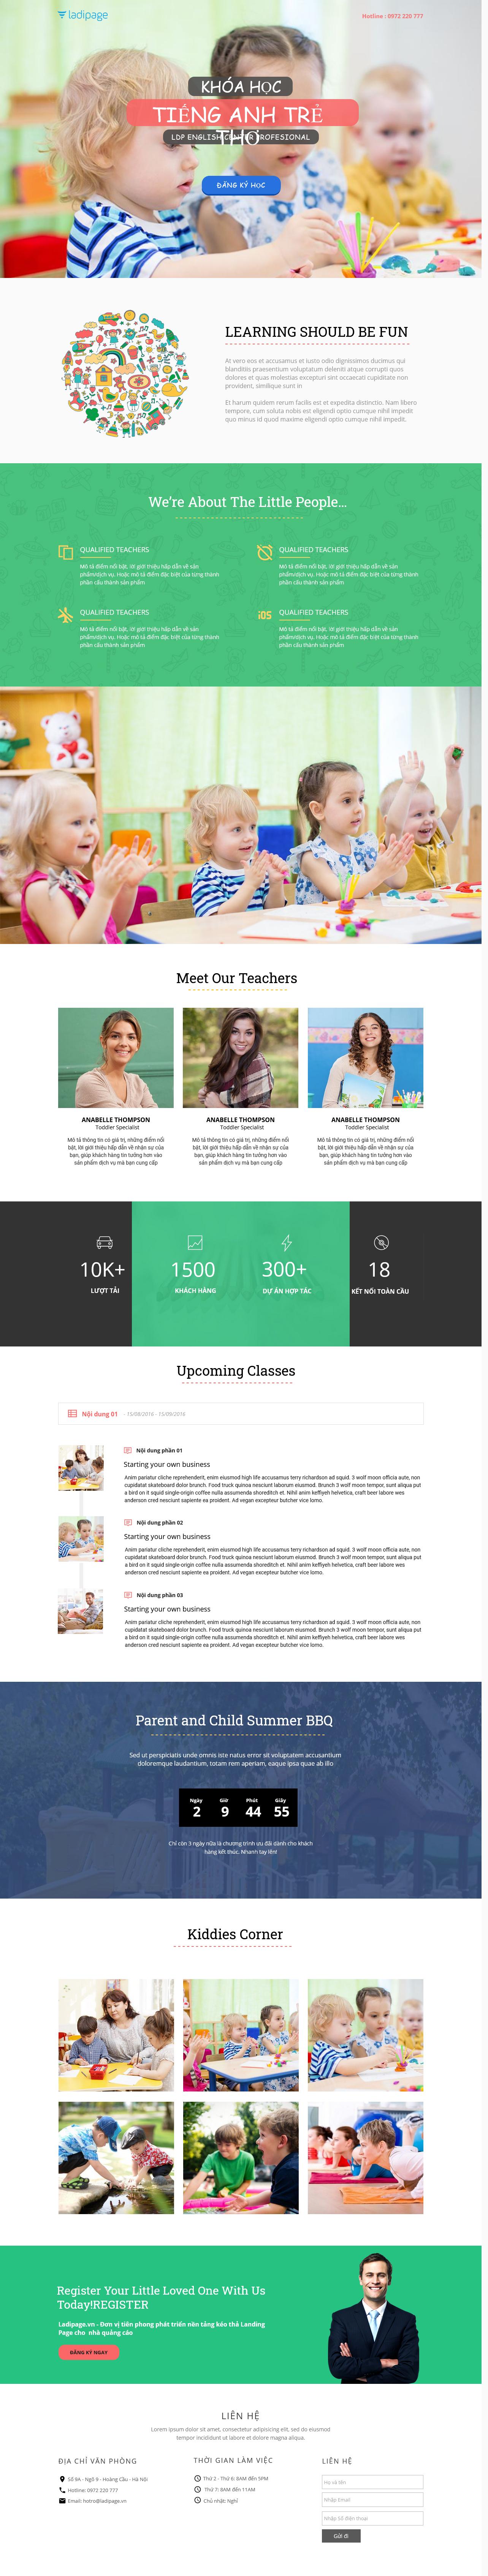 Thiết kế website Thiết kế webiste landingpage giao-duc---du-hoc---nghien-cuu Giáo dục Đào tạo 28